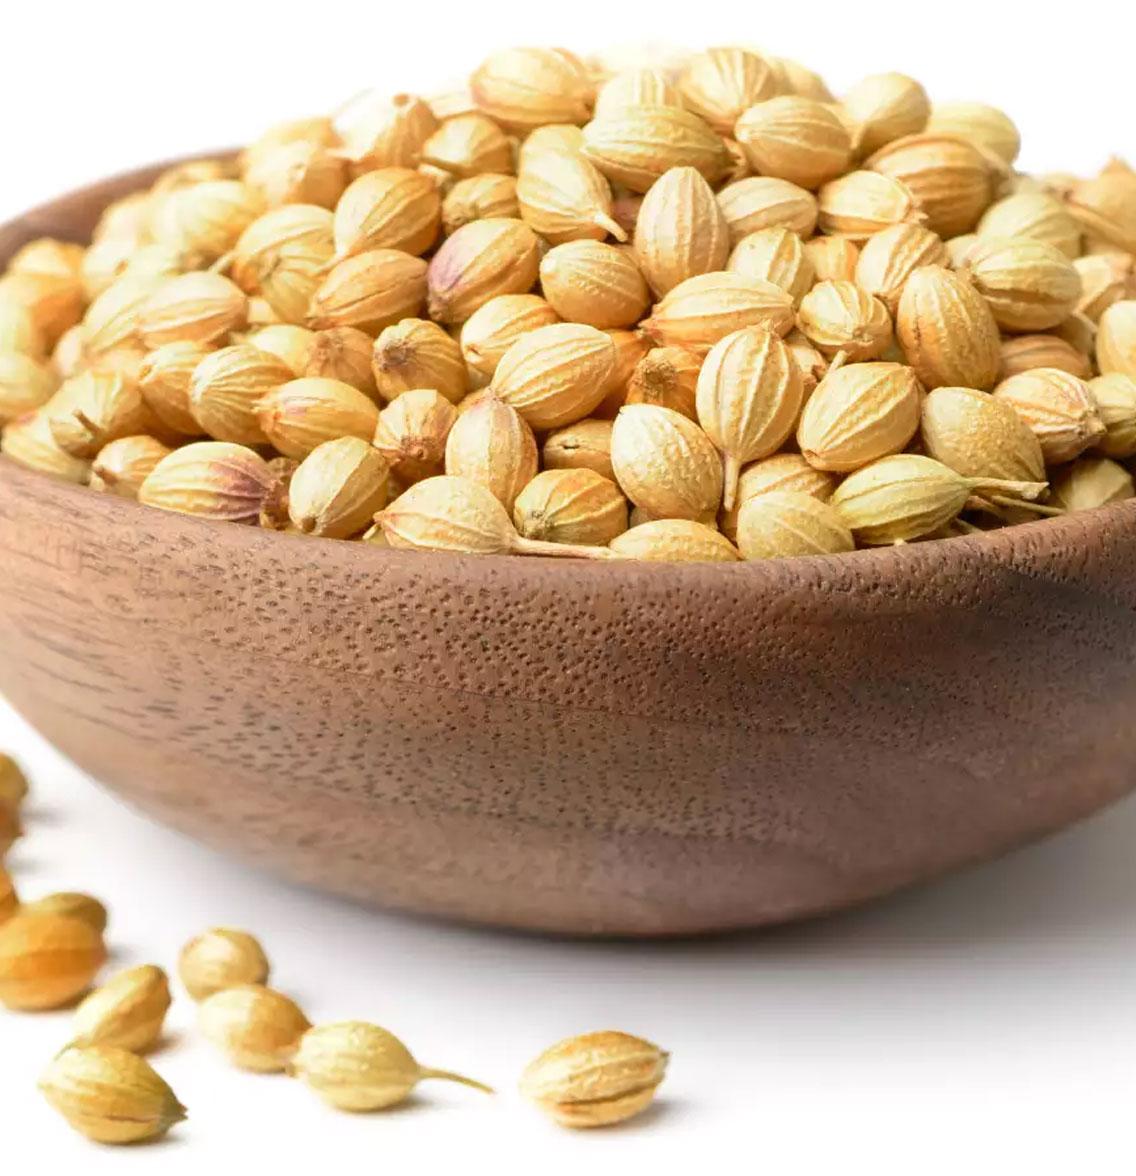 Kudrat Kart - Dhaniya Seeds